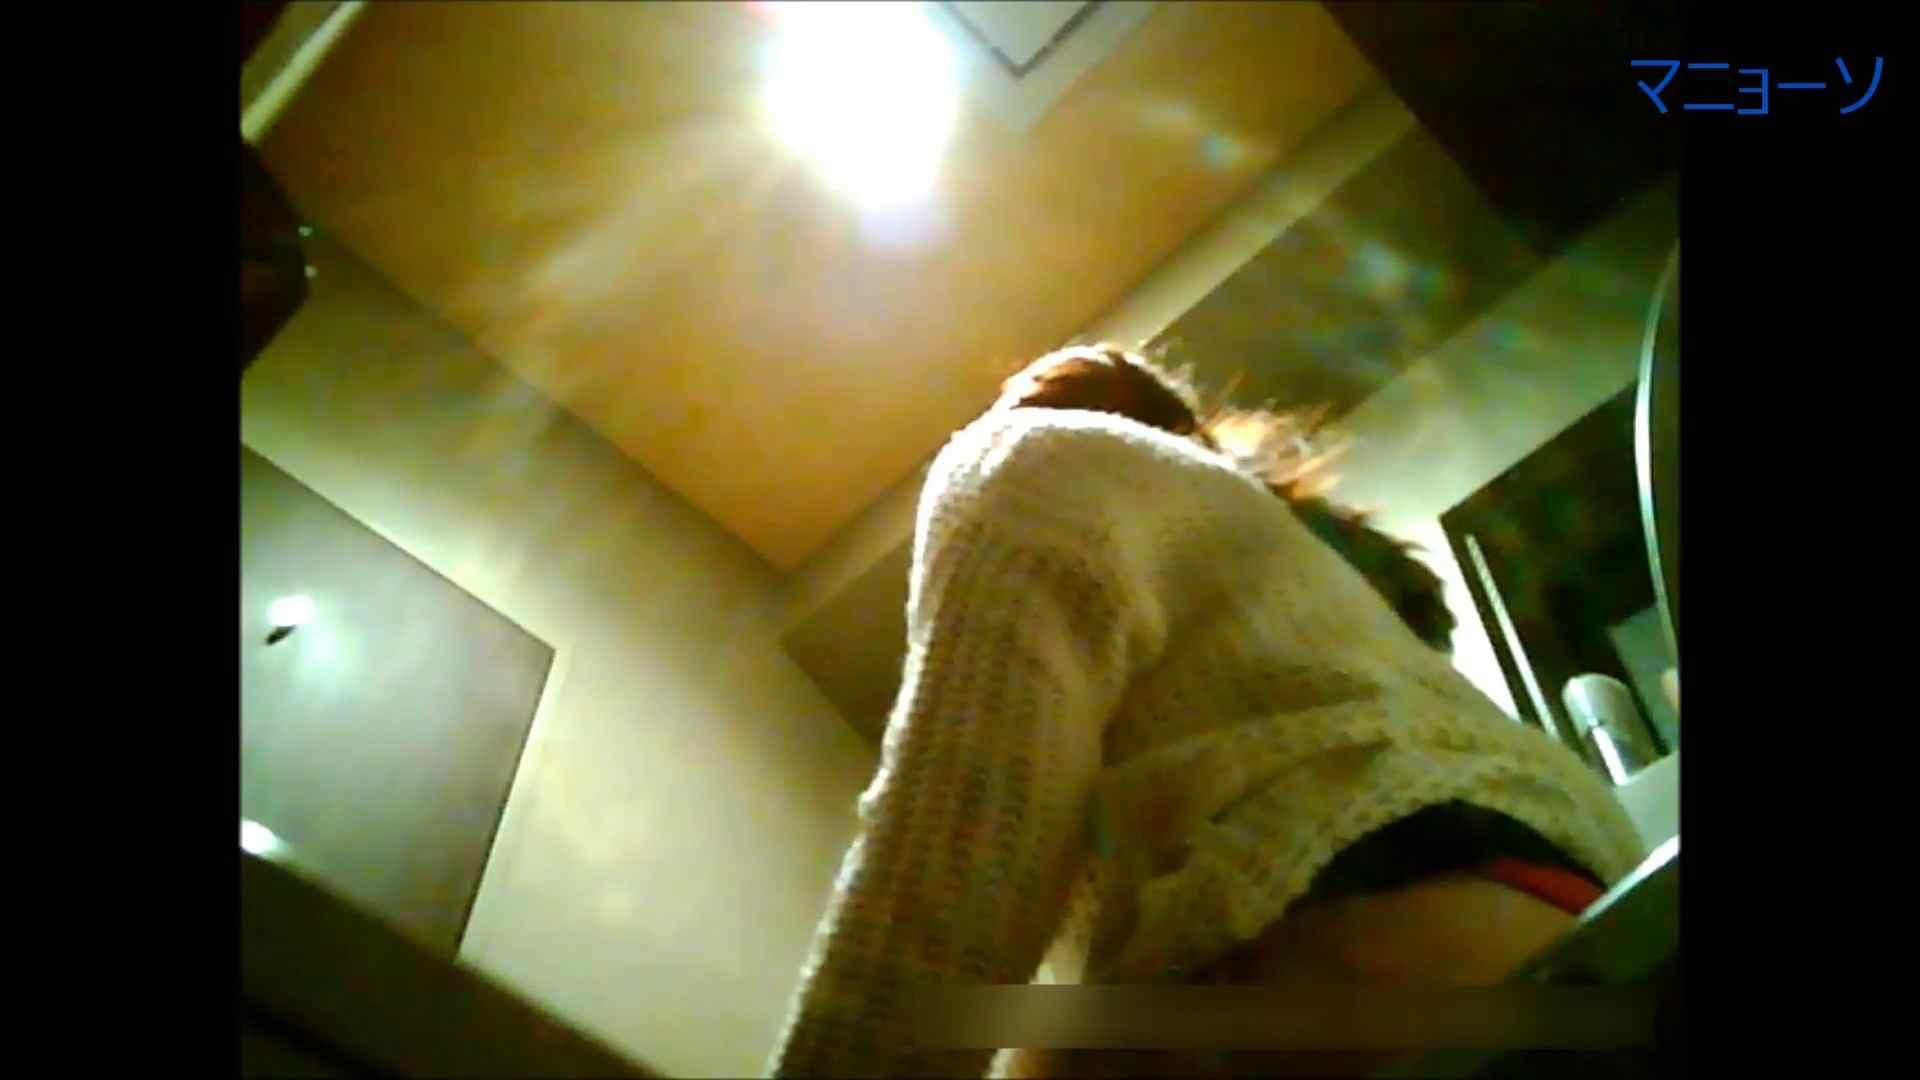 トイレでひと肌脱いでもらいました (JD編)Vol.02 トイレ | OLの実態  80pic 7